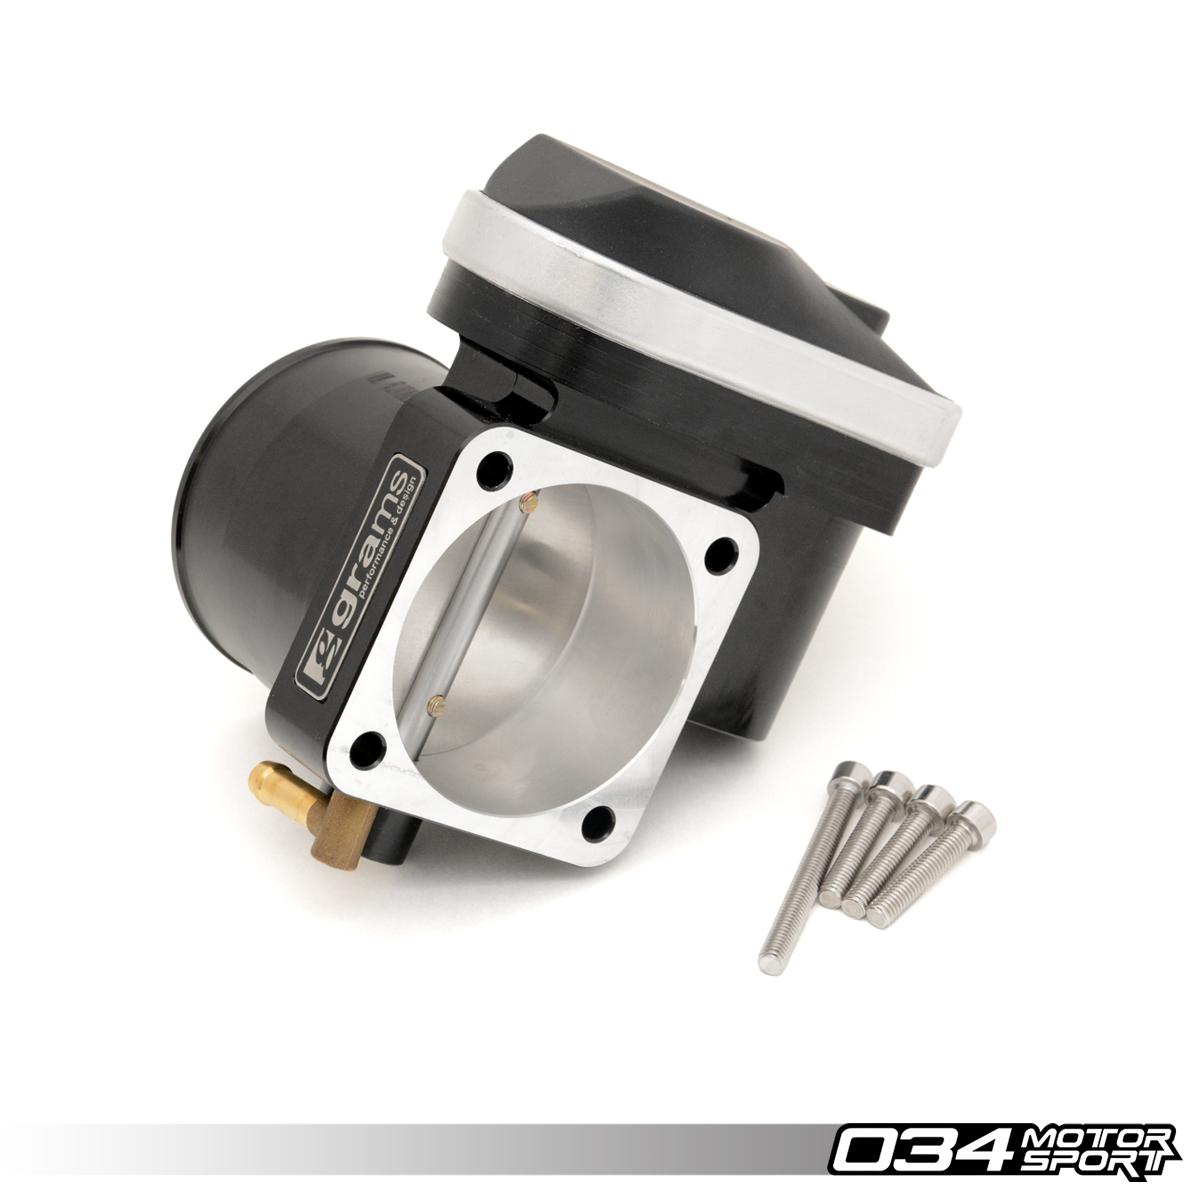 throttle body drive wire 70mm grams performance audi 8t tt transverse golf jetta 034motorsport parts beetle volkswagen gti grm g09